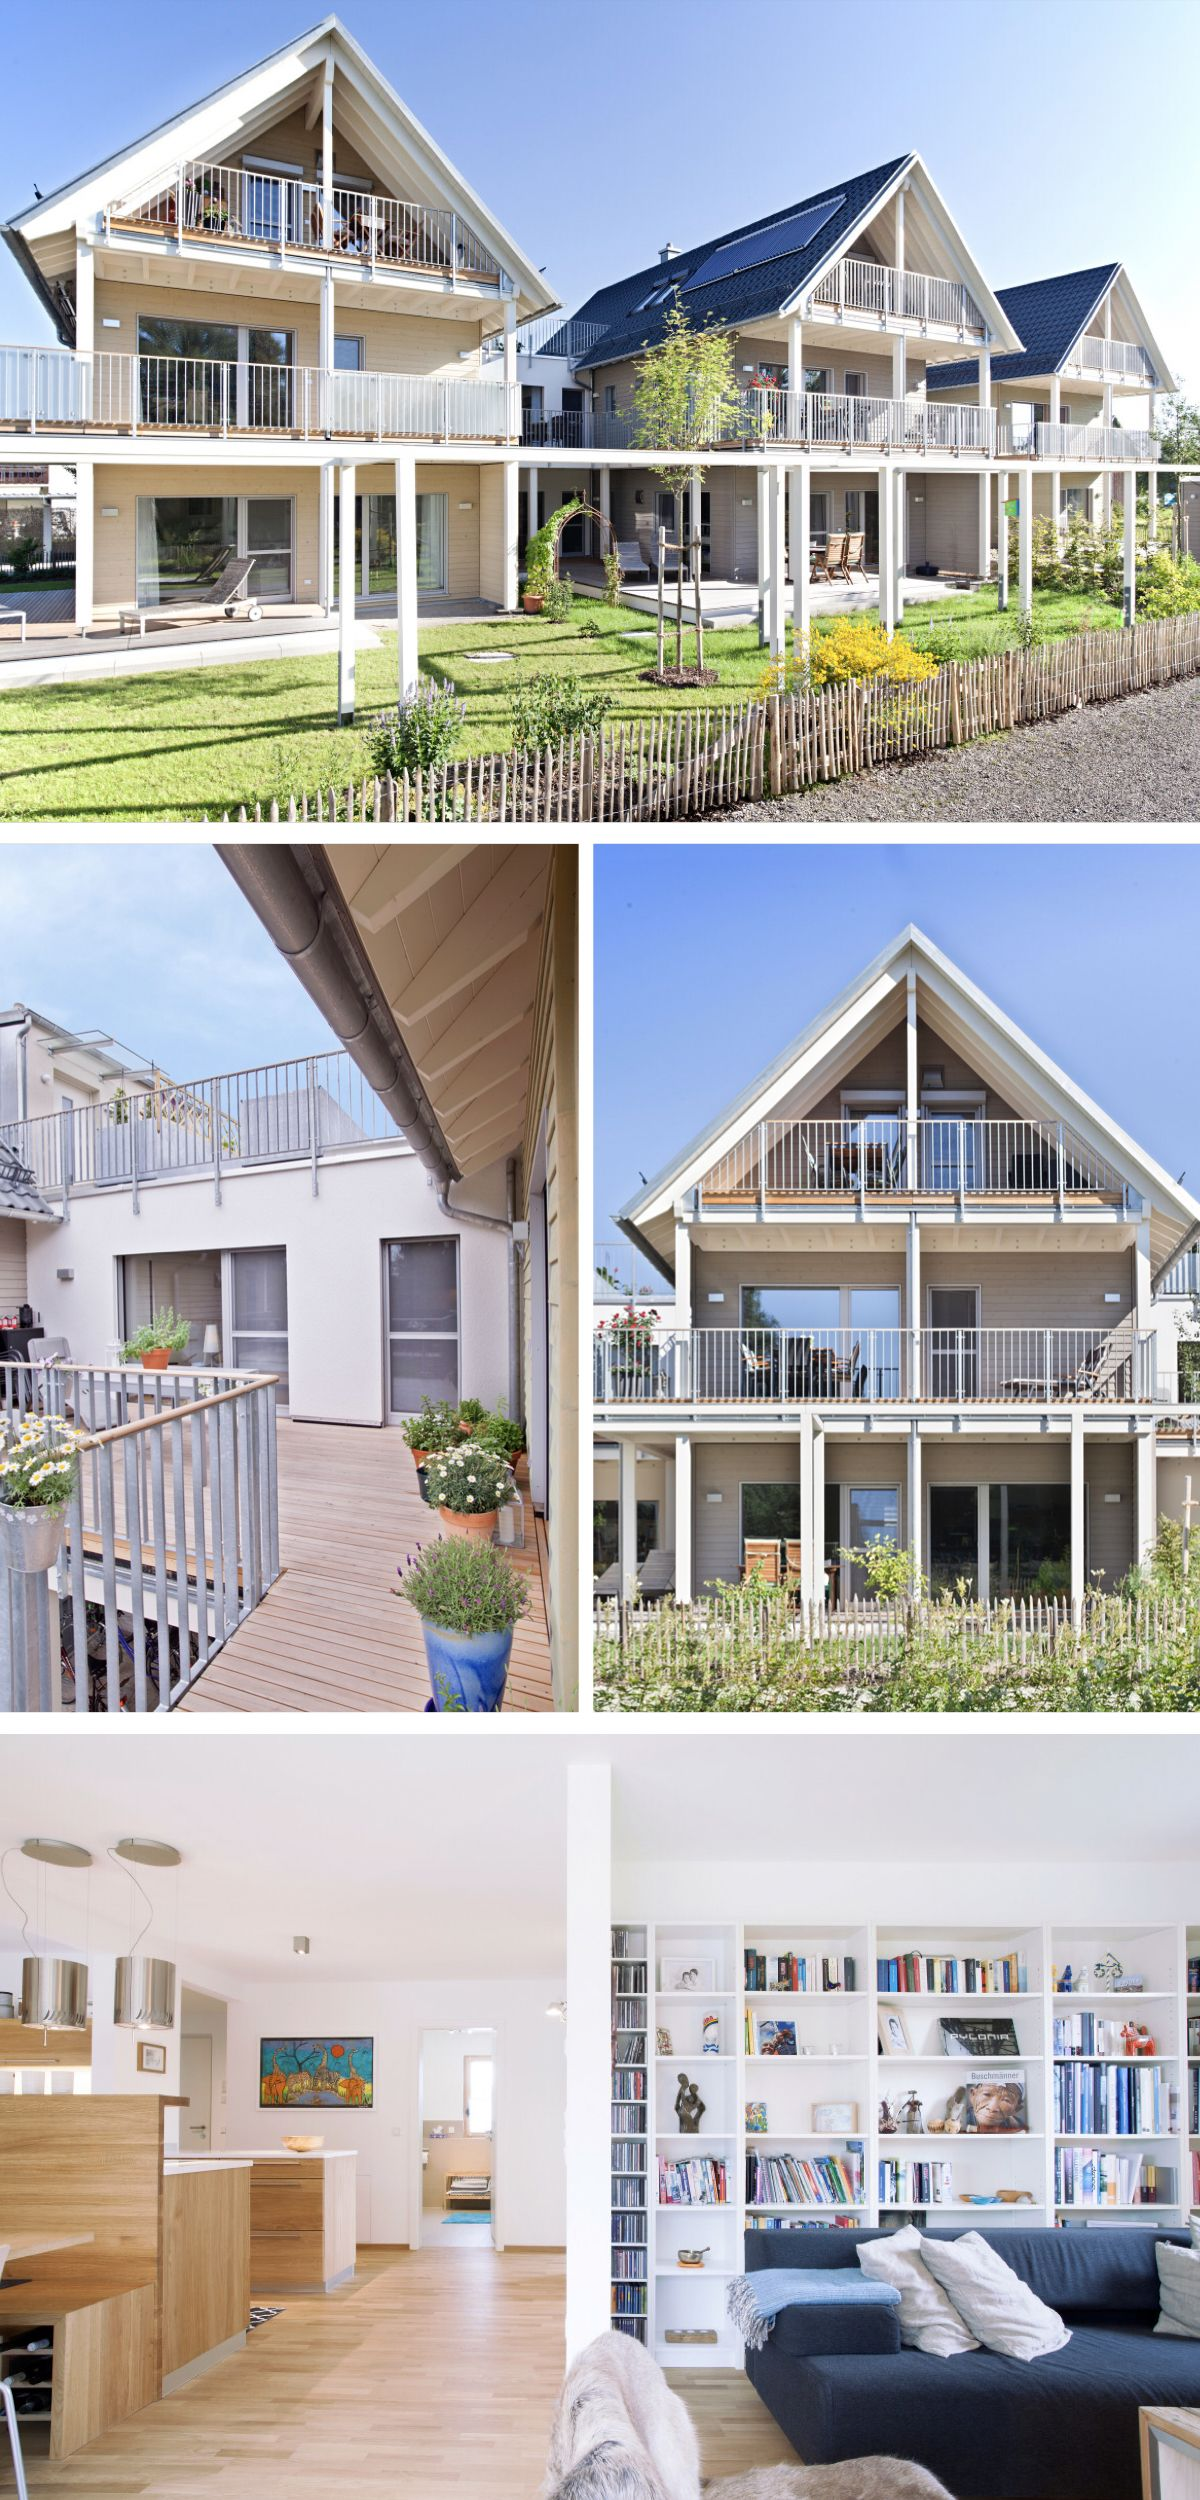 Ökologisches Mehrfamilienhaus im modernen Alpenstil - Haus ...